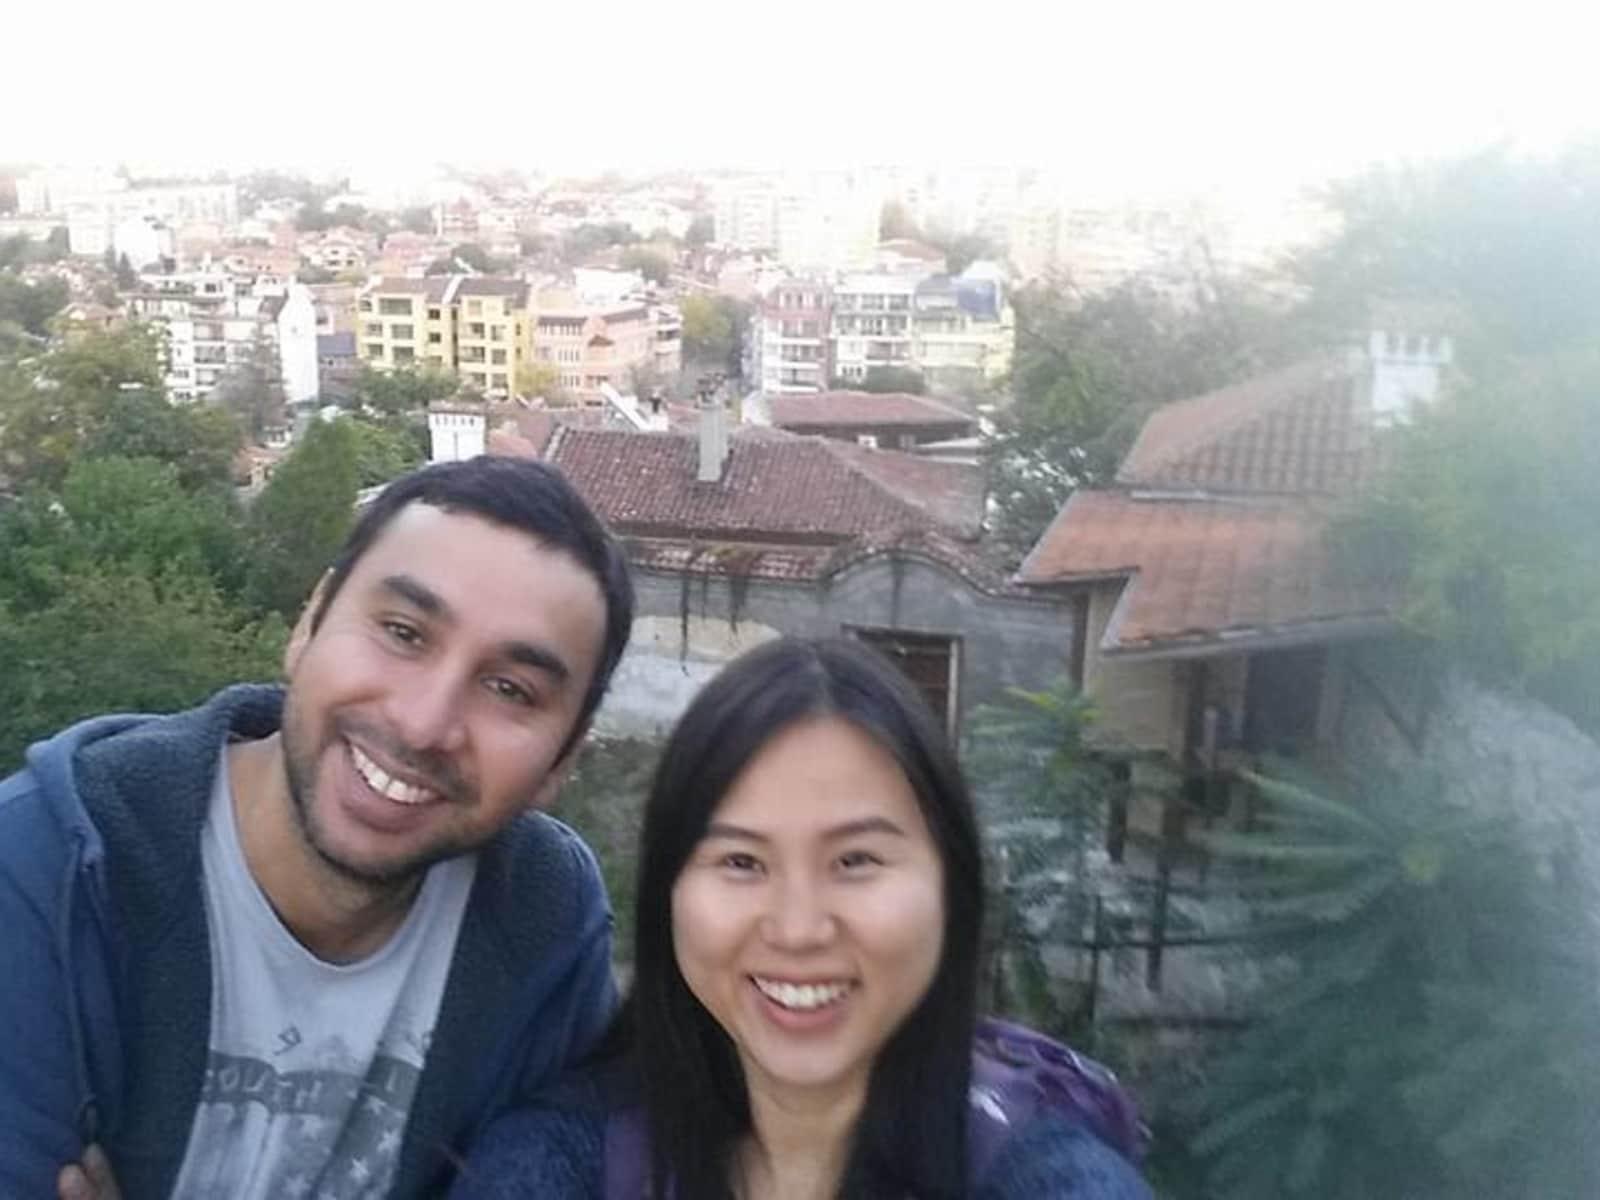 Cristian & Jo from Toronto, Ontario, Canada